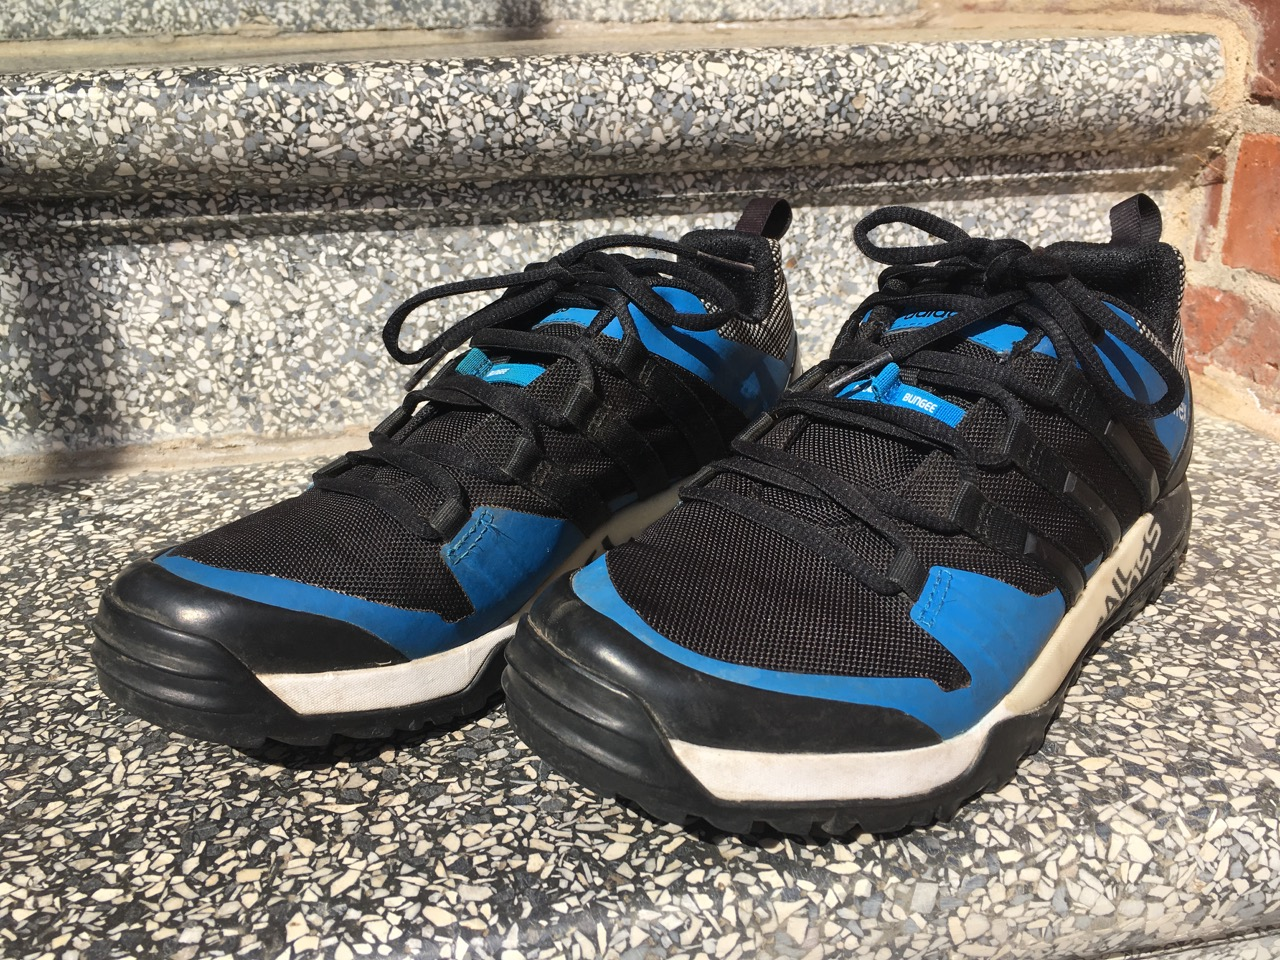 Trail Adidas Cross Sl 41 8Bikemarkt SchuhGröße 13us Terrex gy6bf7